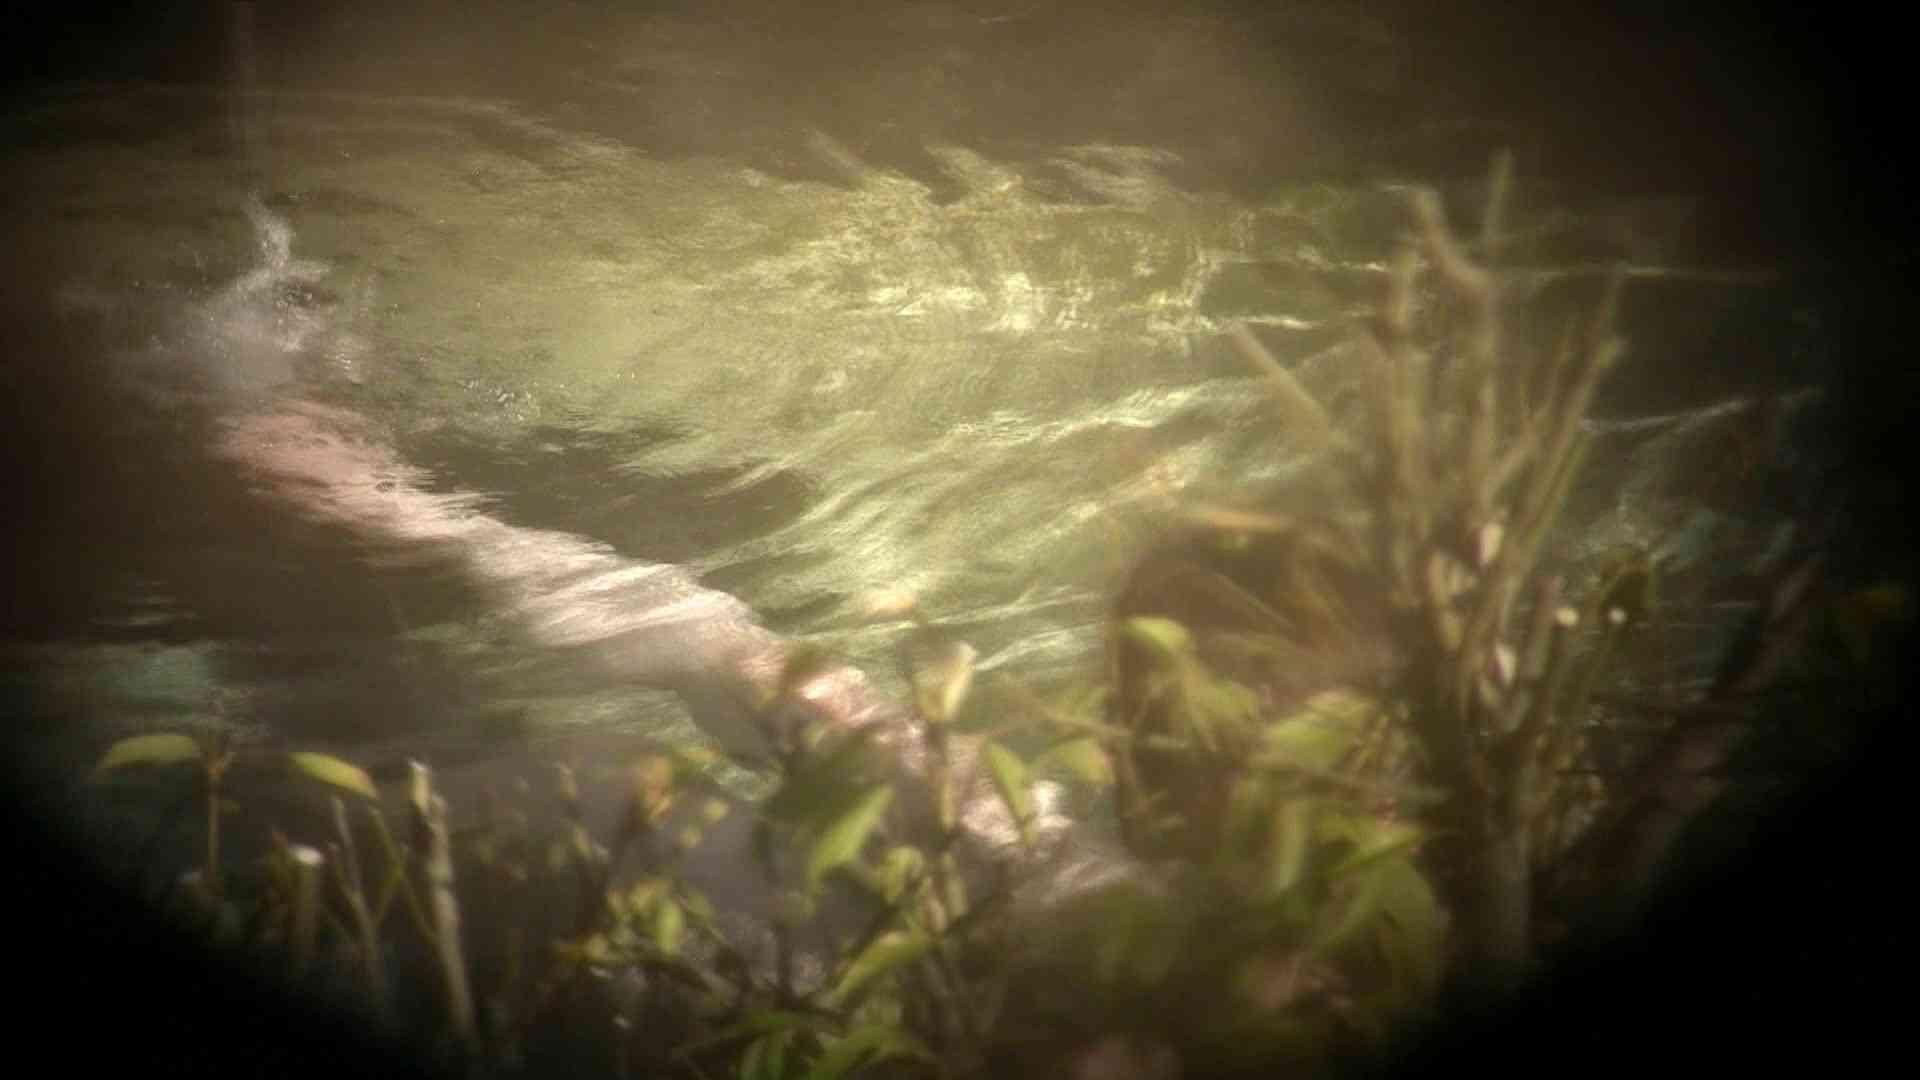 Aquaな露天風呂Vol.698 盗撮 | 綺麗なOLたち  70枚 46